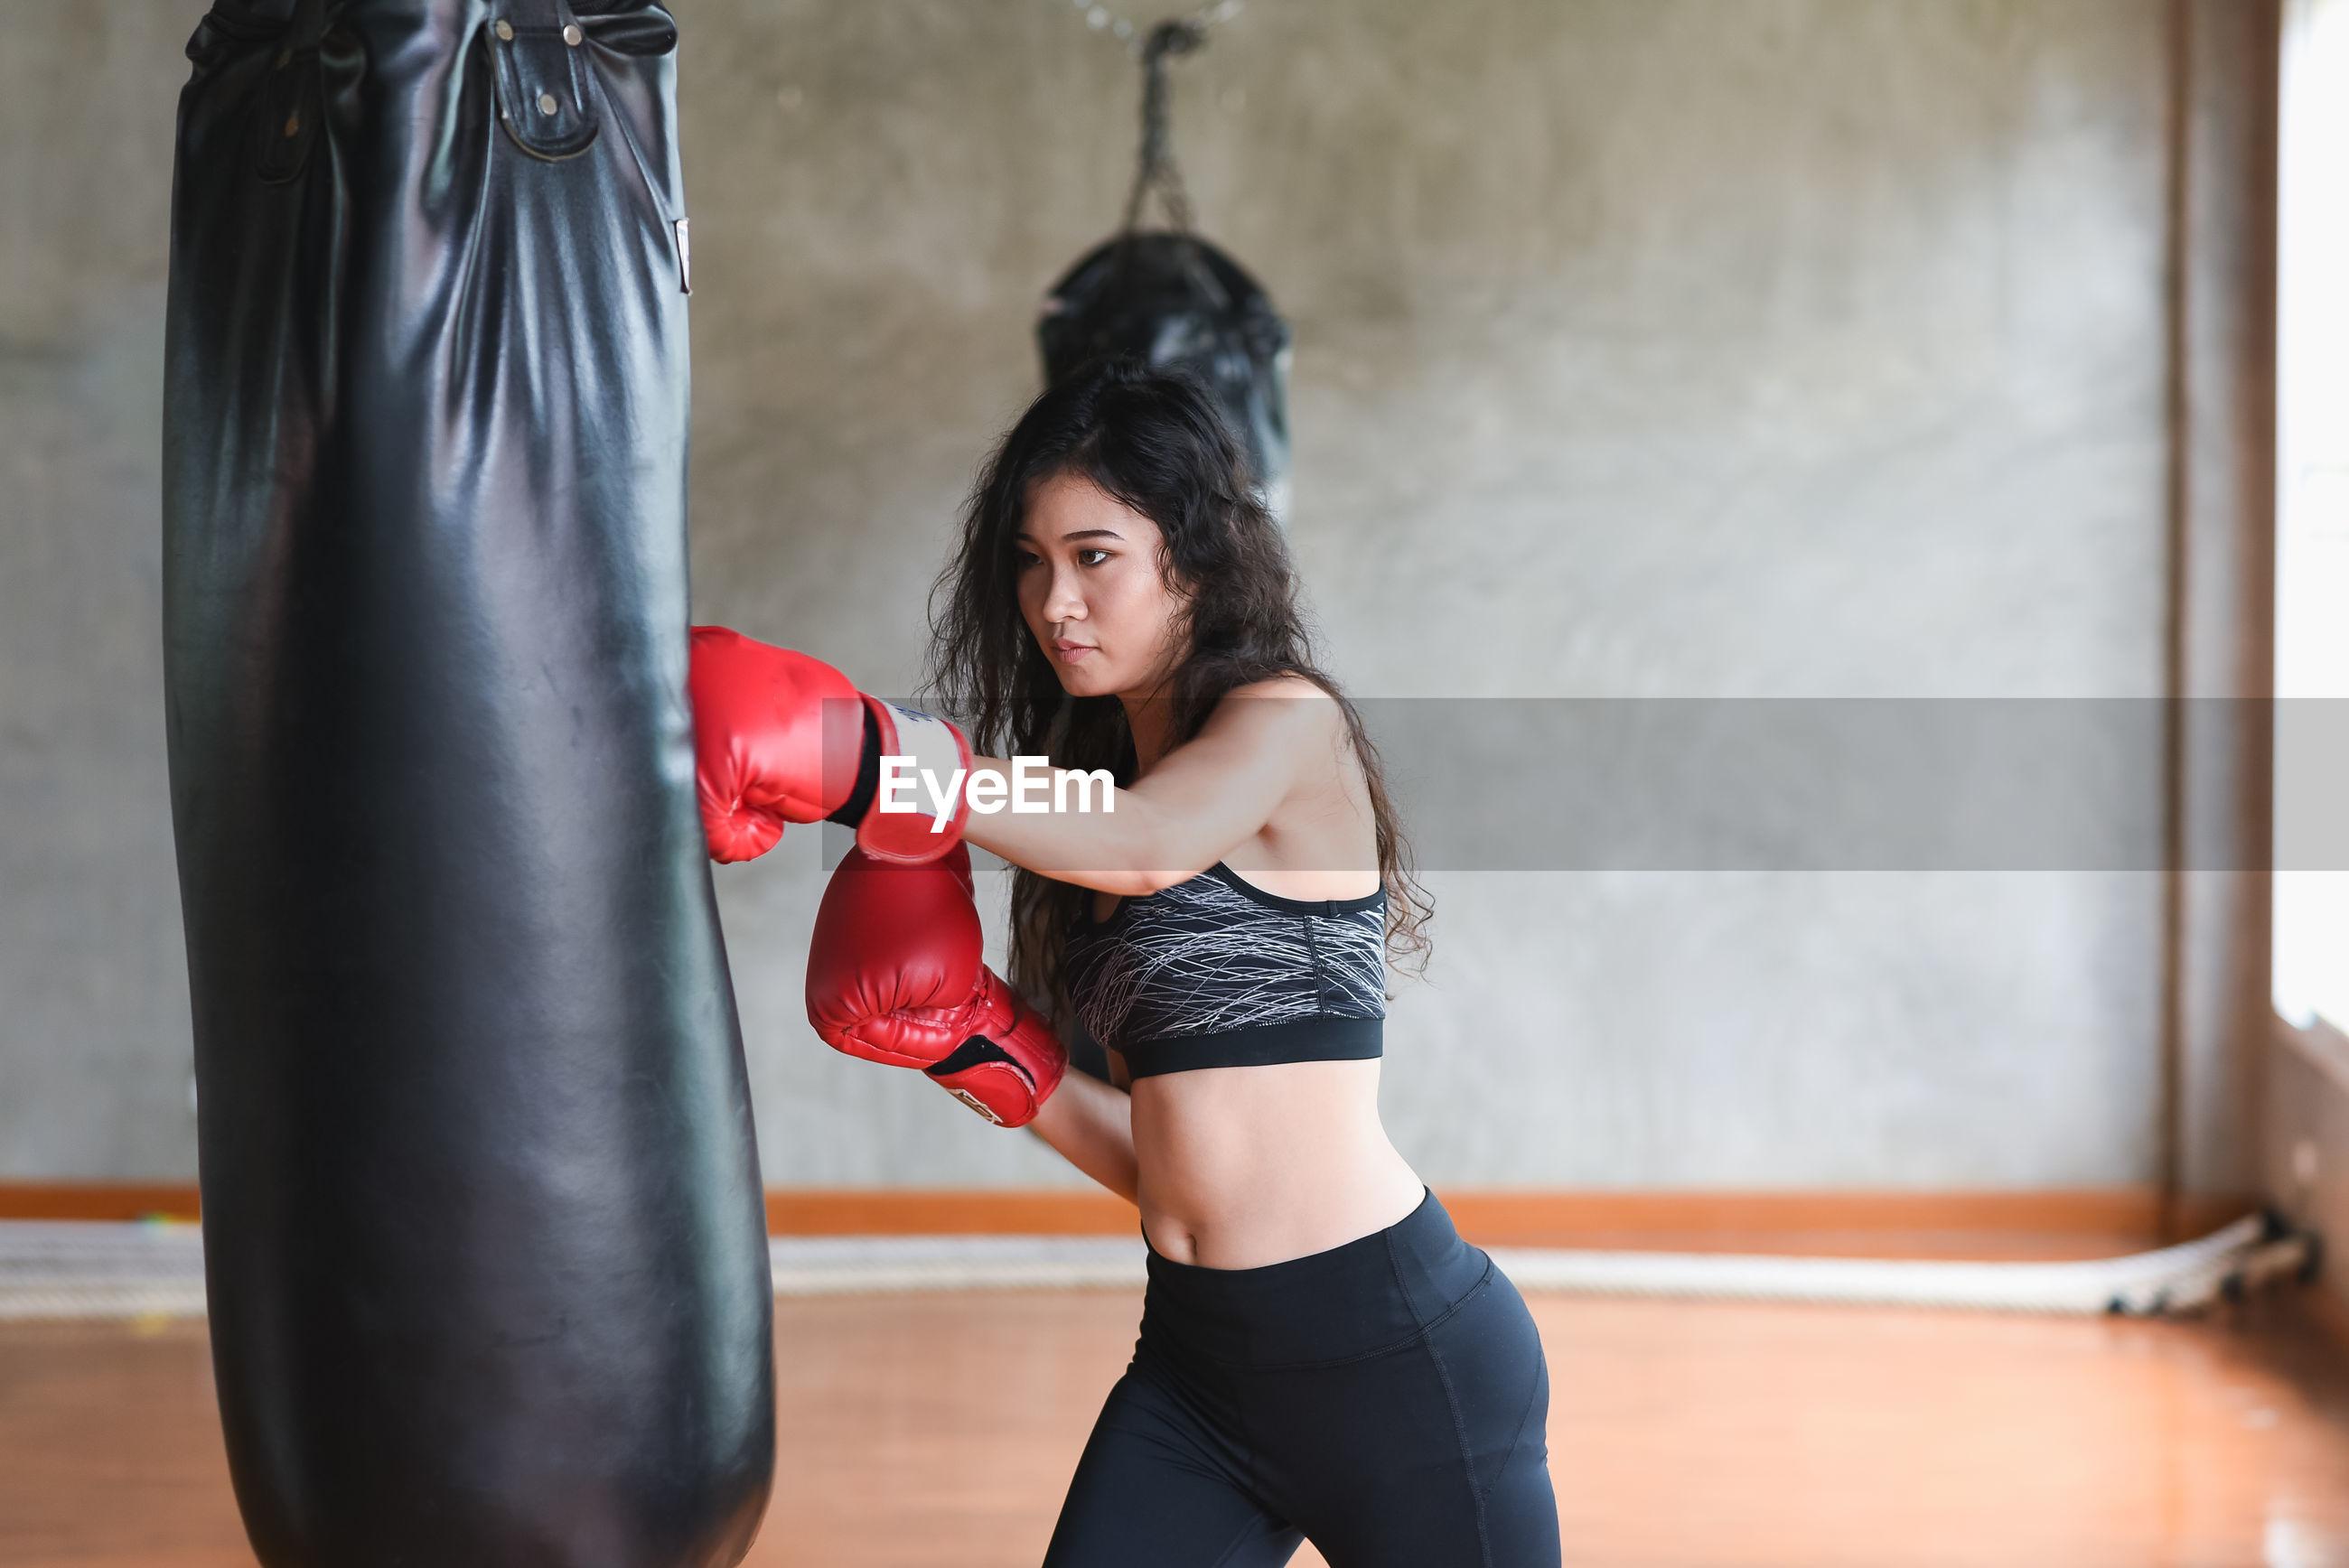 Young woman hitting punching bag in studio